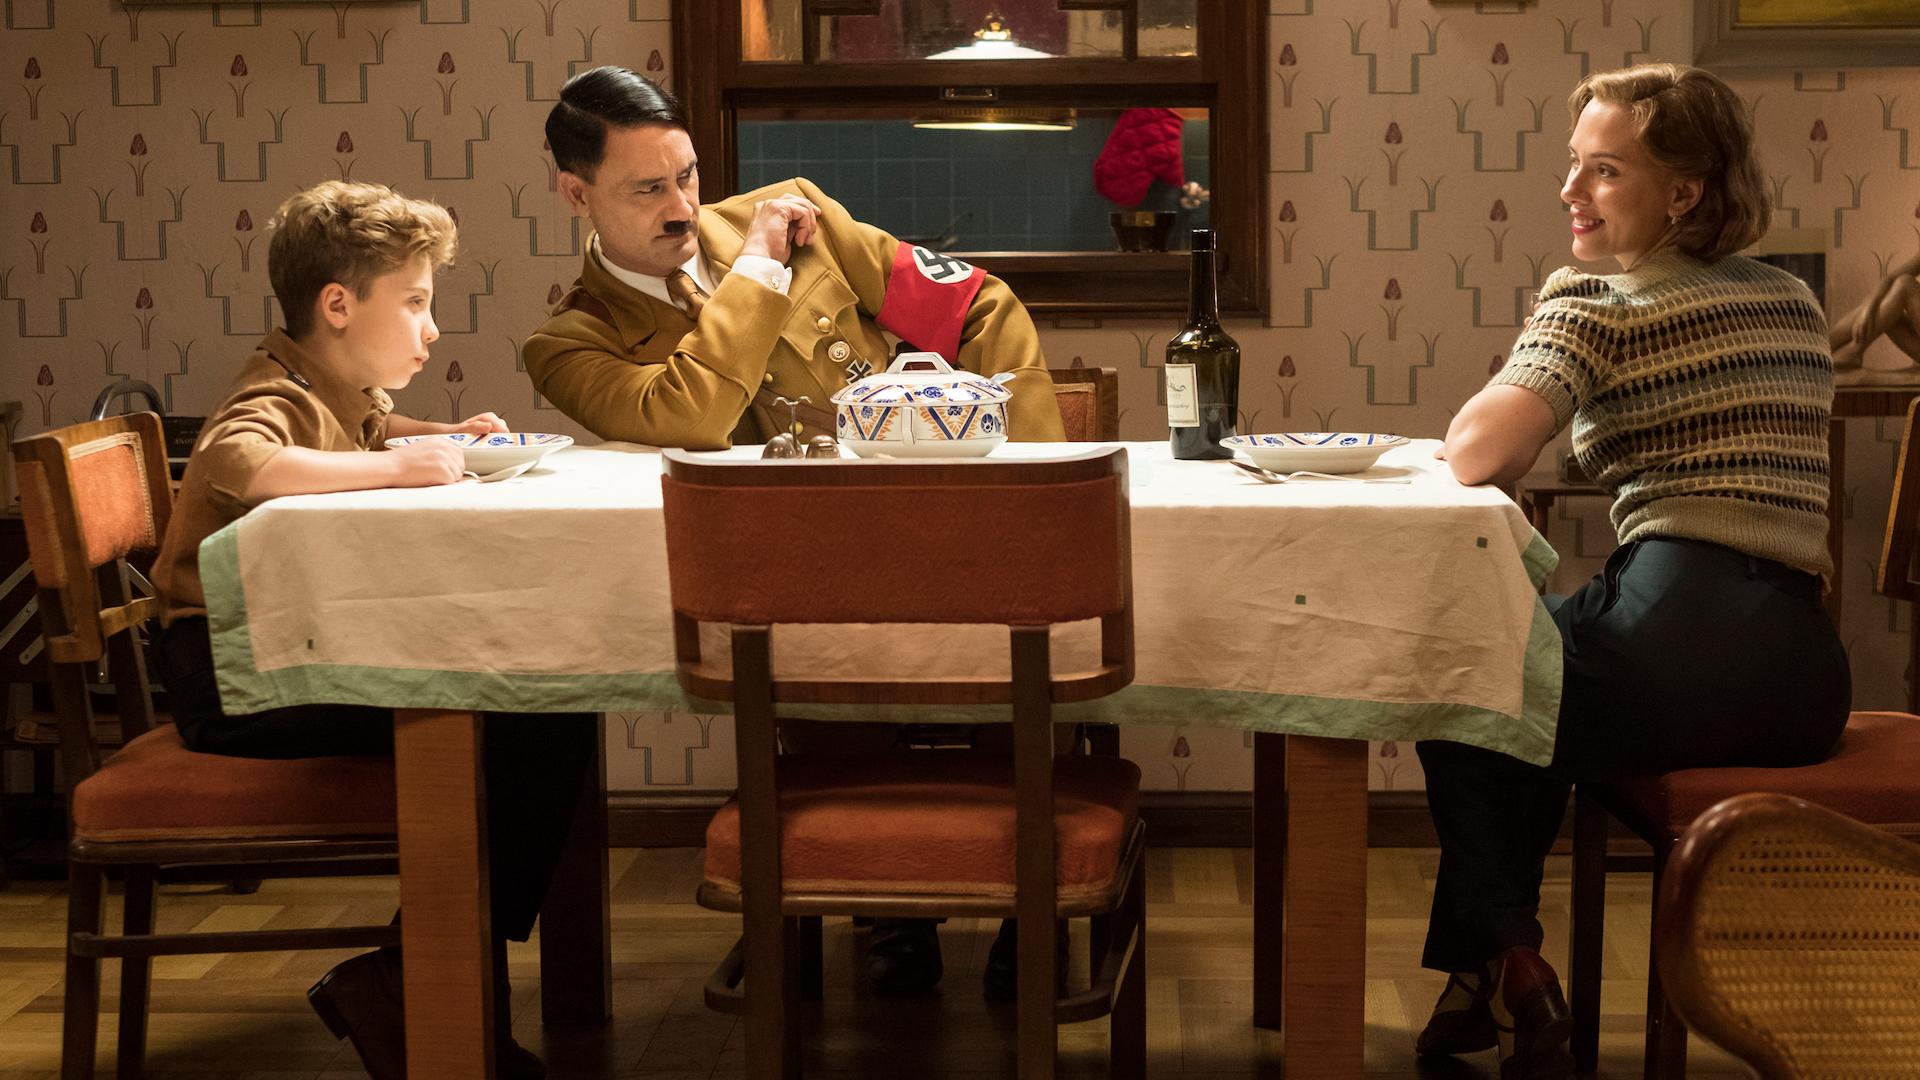 Jojo Rabbit Taika Waititi S Nazi Movie Could Be A Phenomenon